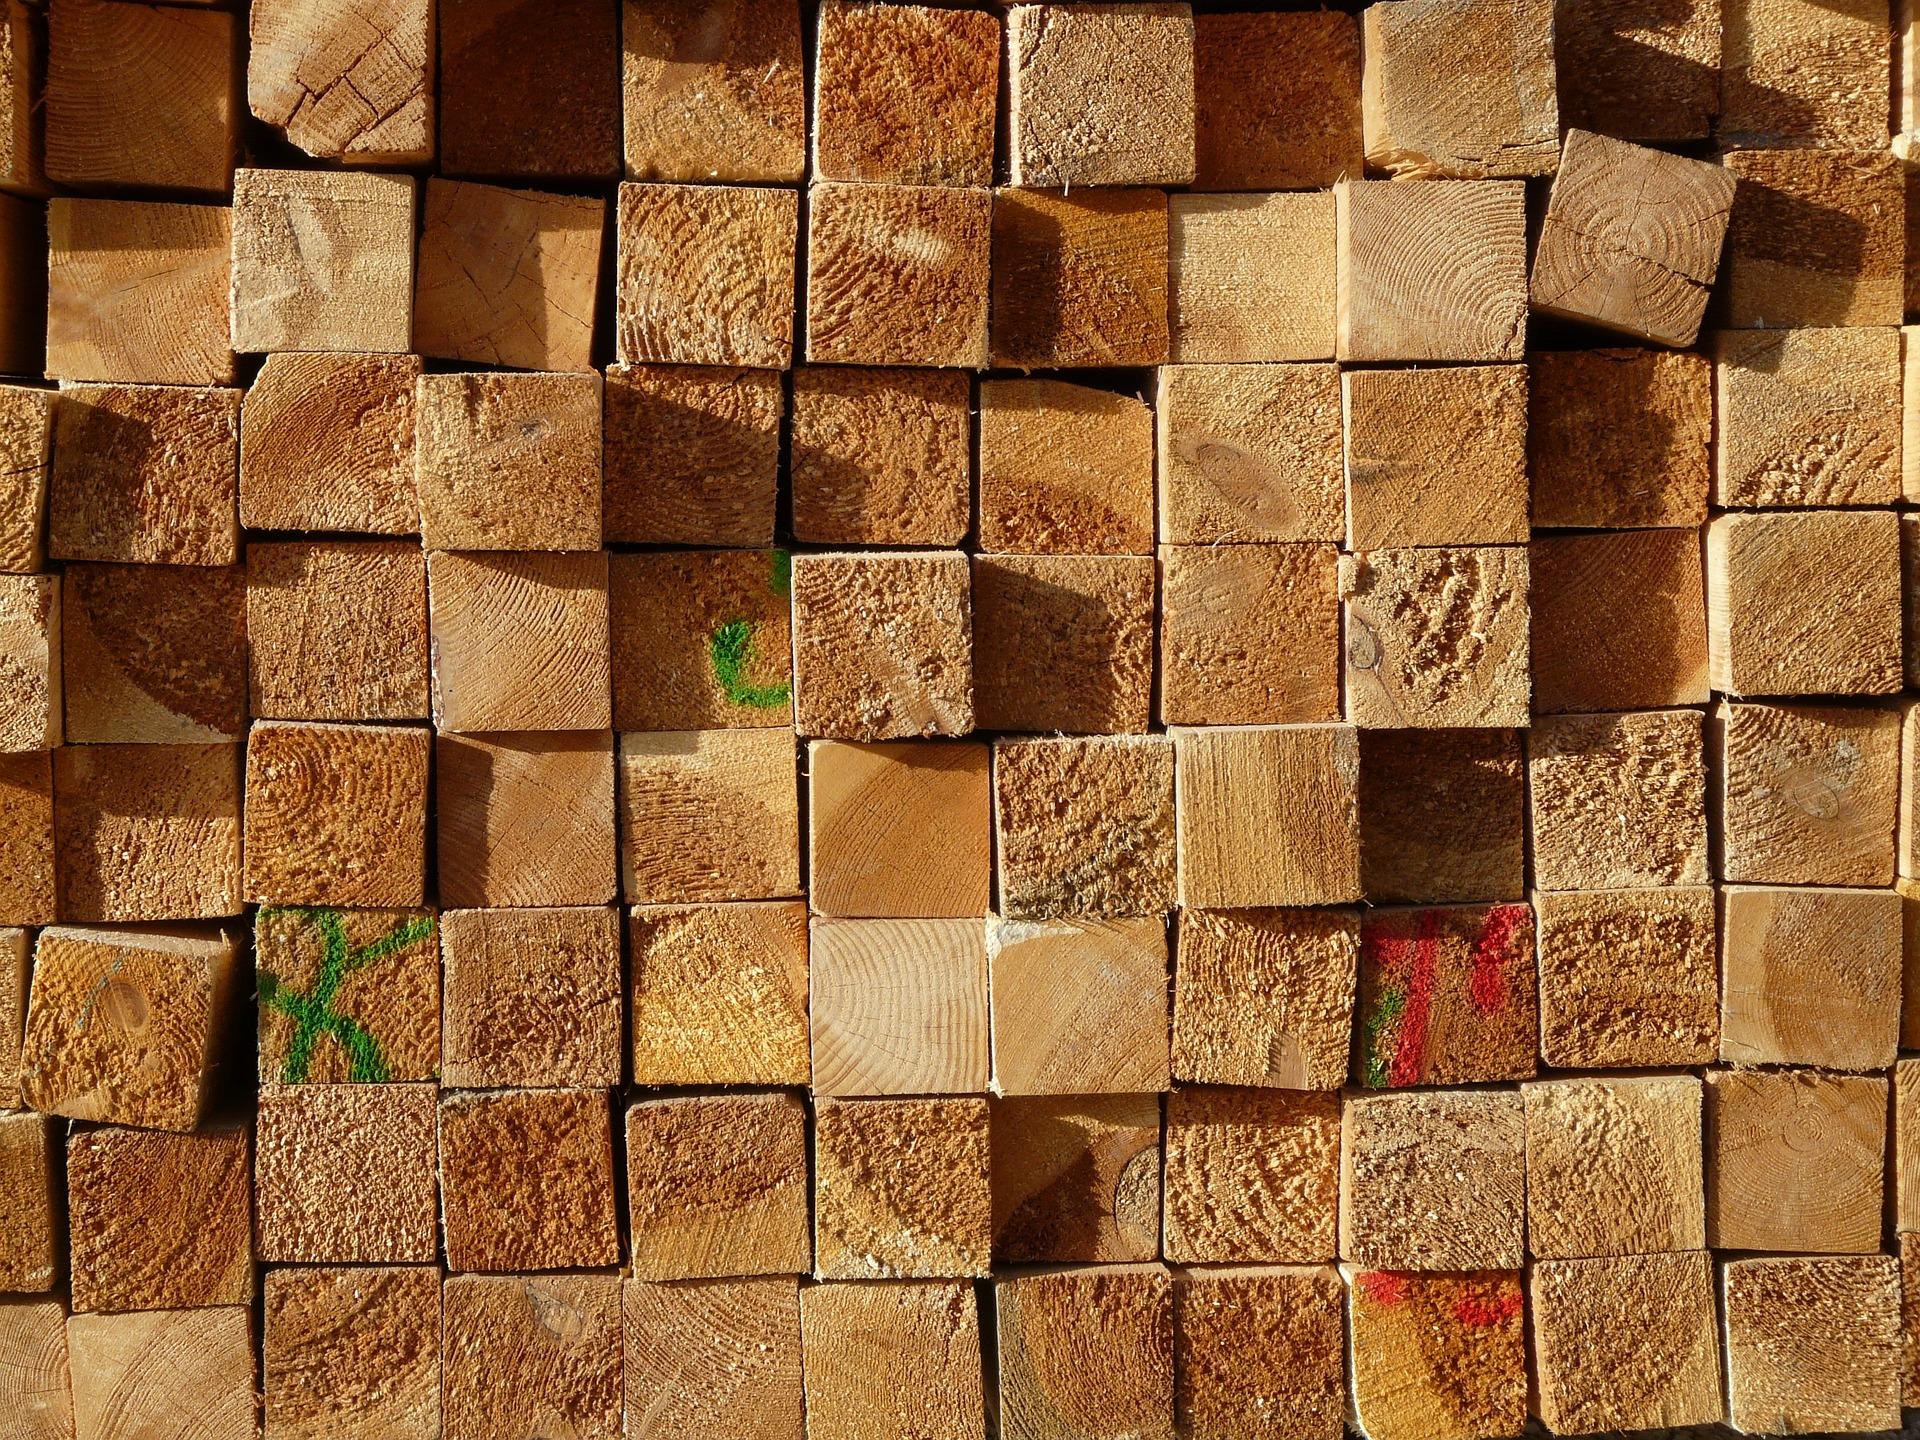 Bild von gestapelten Holzlatten